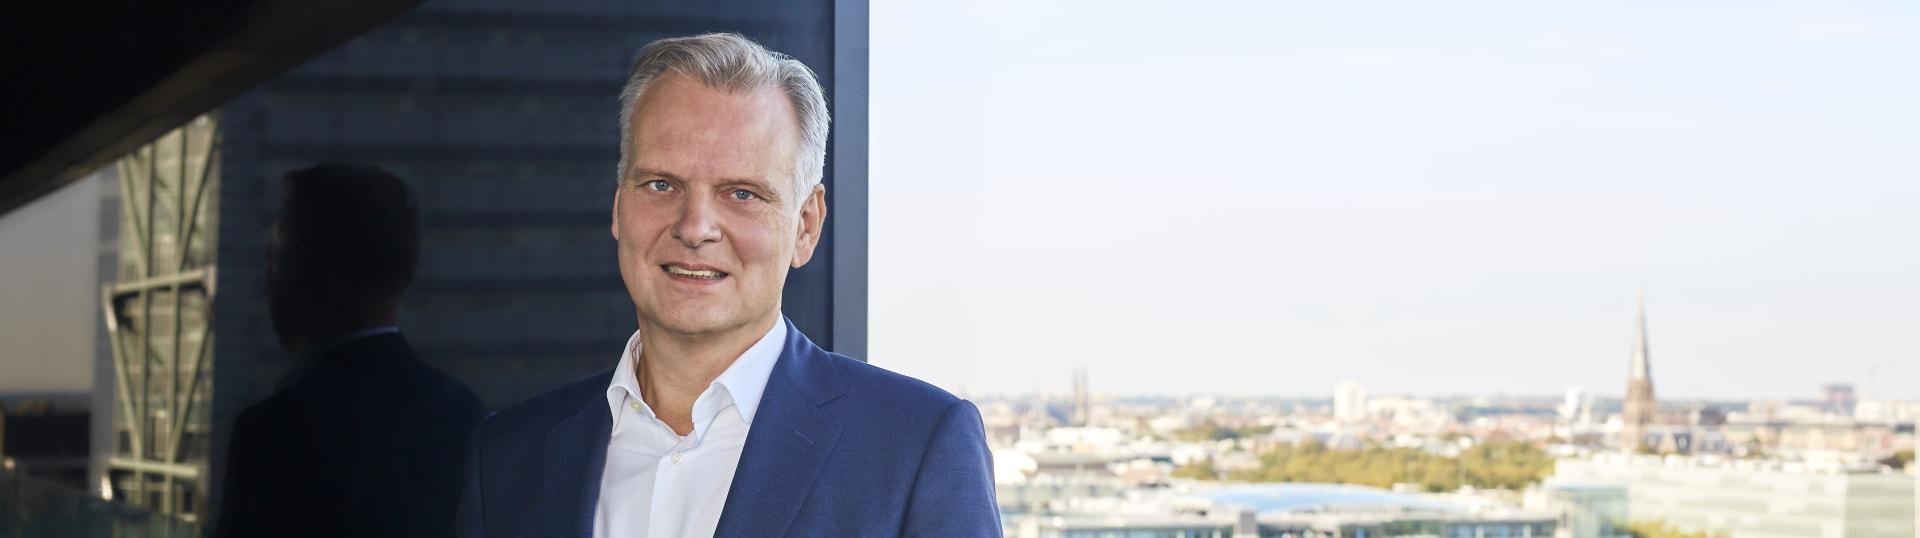 Hans Besselink, advocaat Pels Rijcken